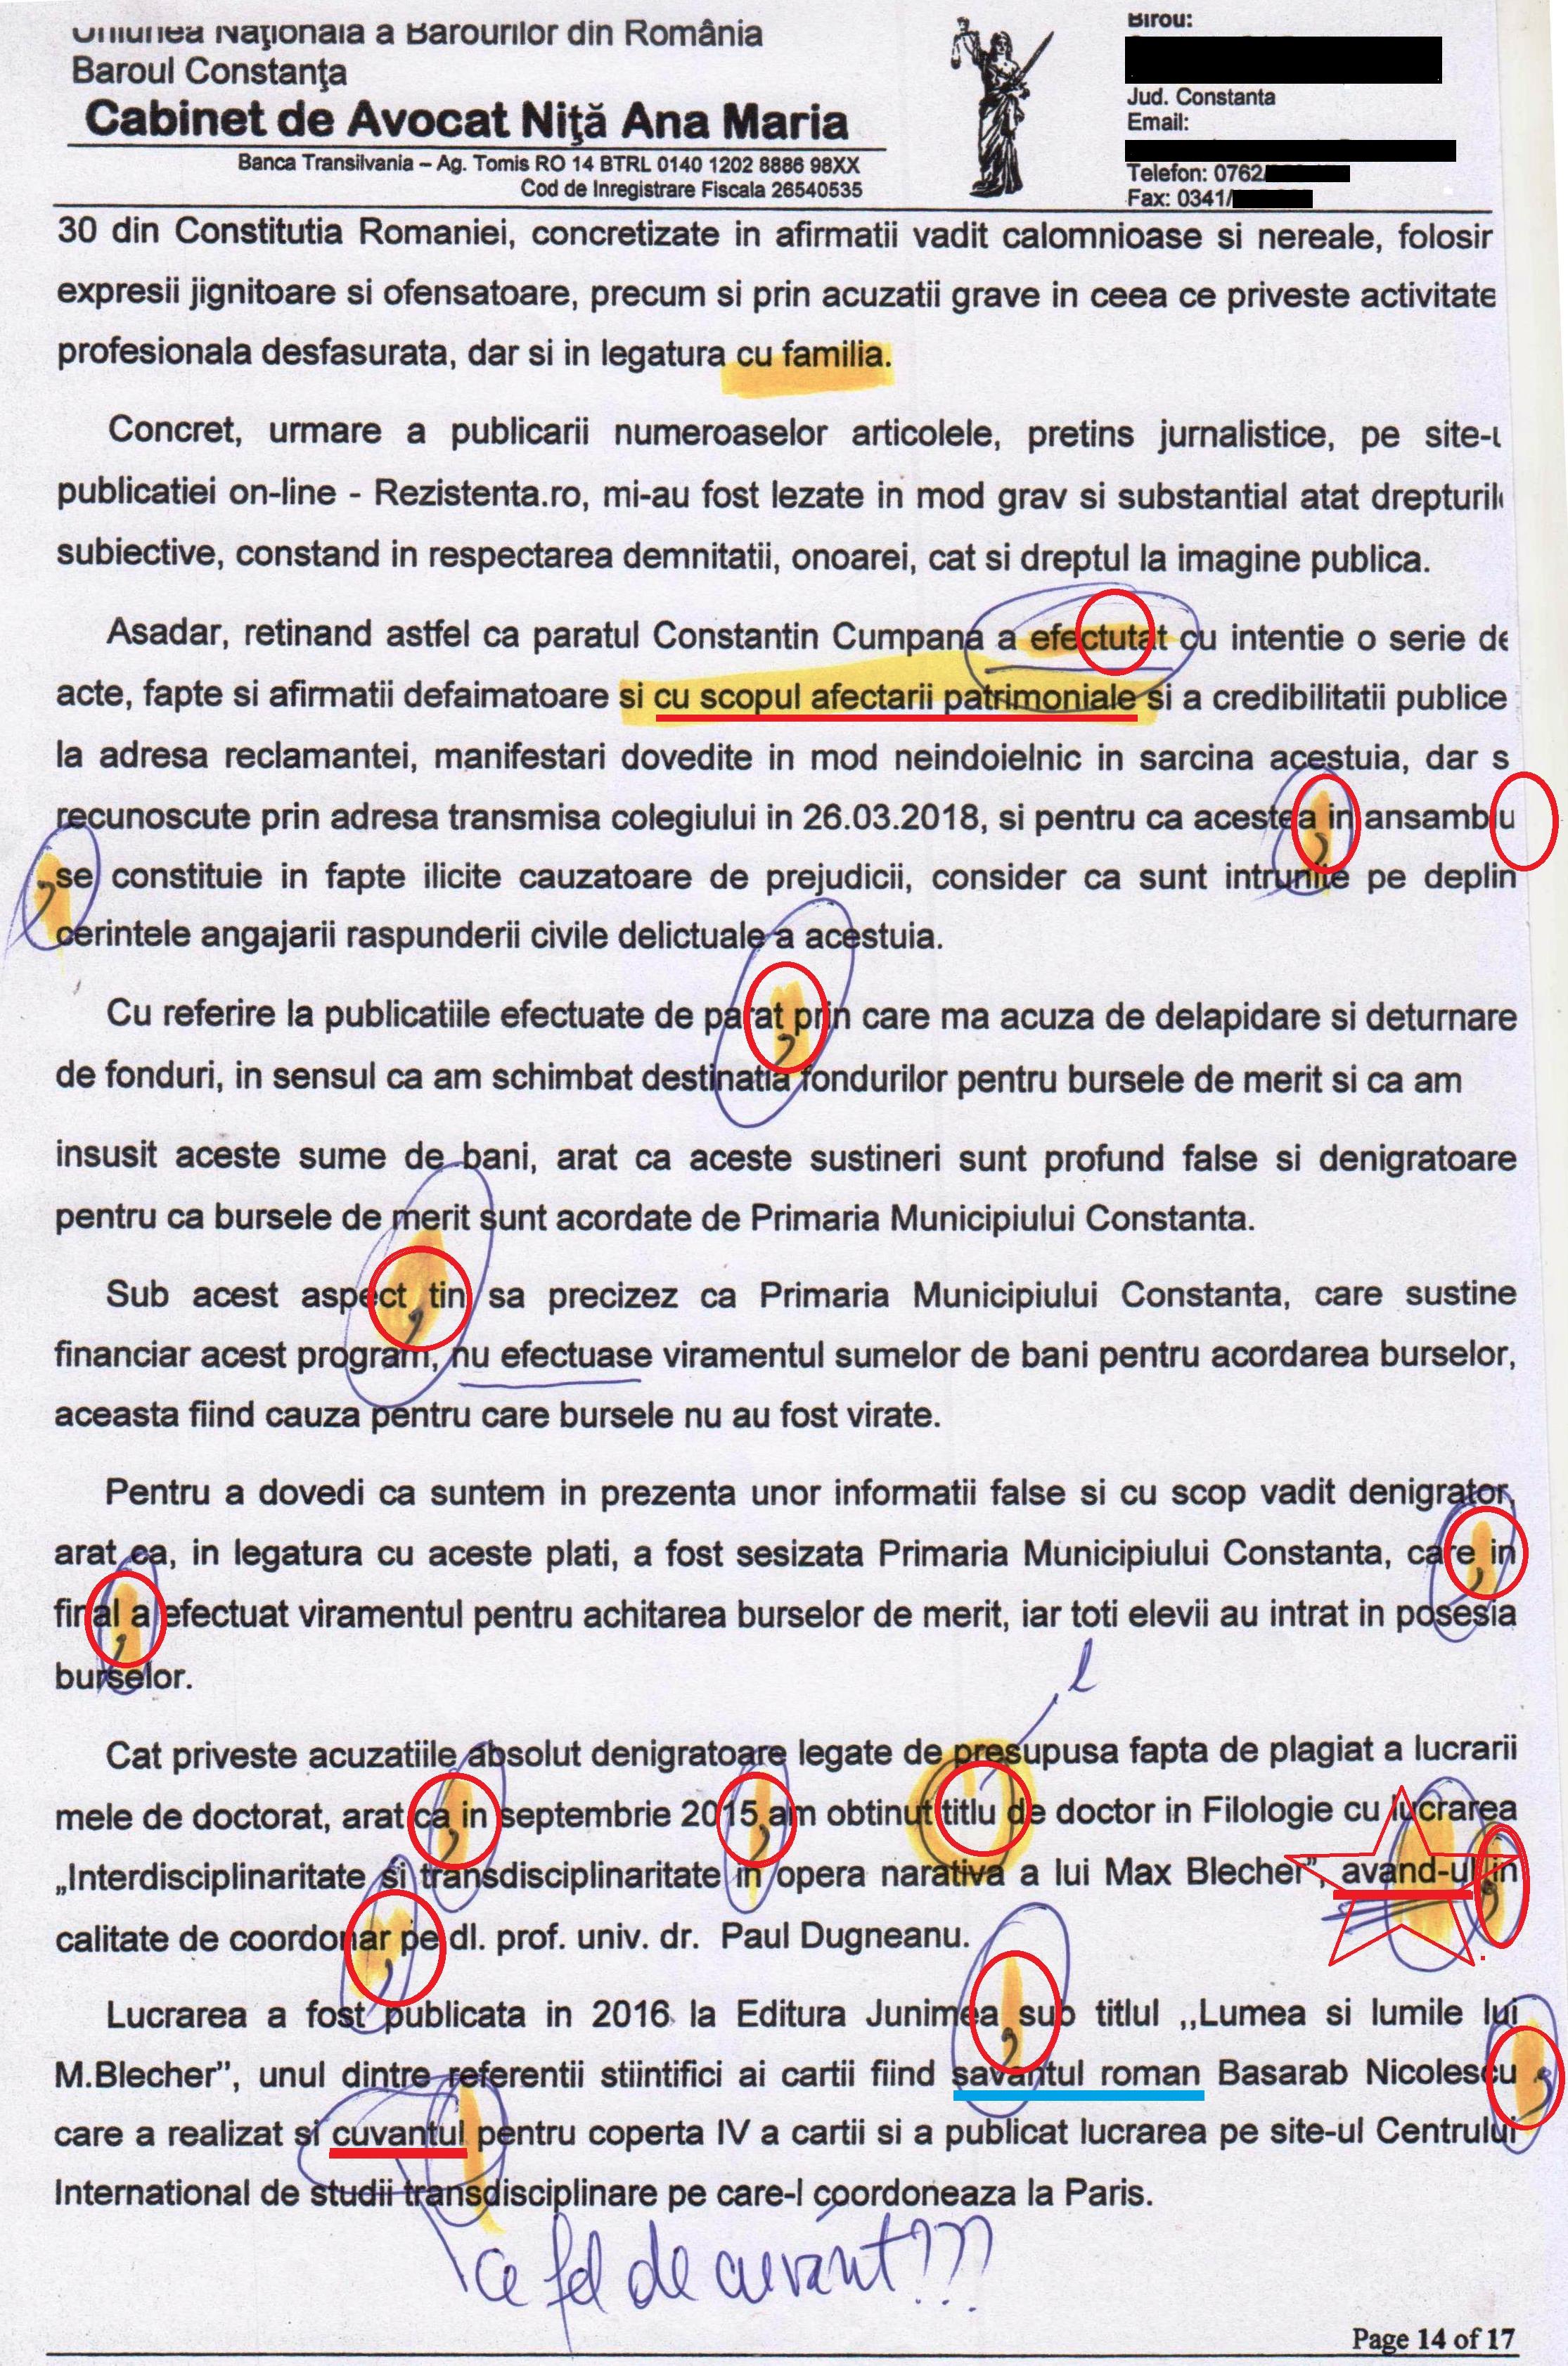 Pagina 14 conține o eroare grosolană, demnă de antologia perlelor din tezele de clasa a V-a.